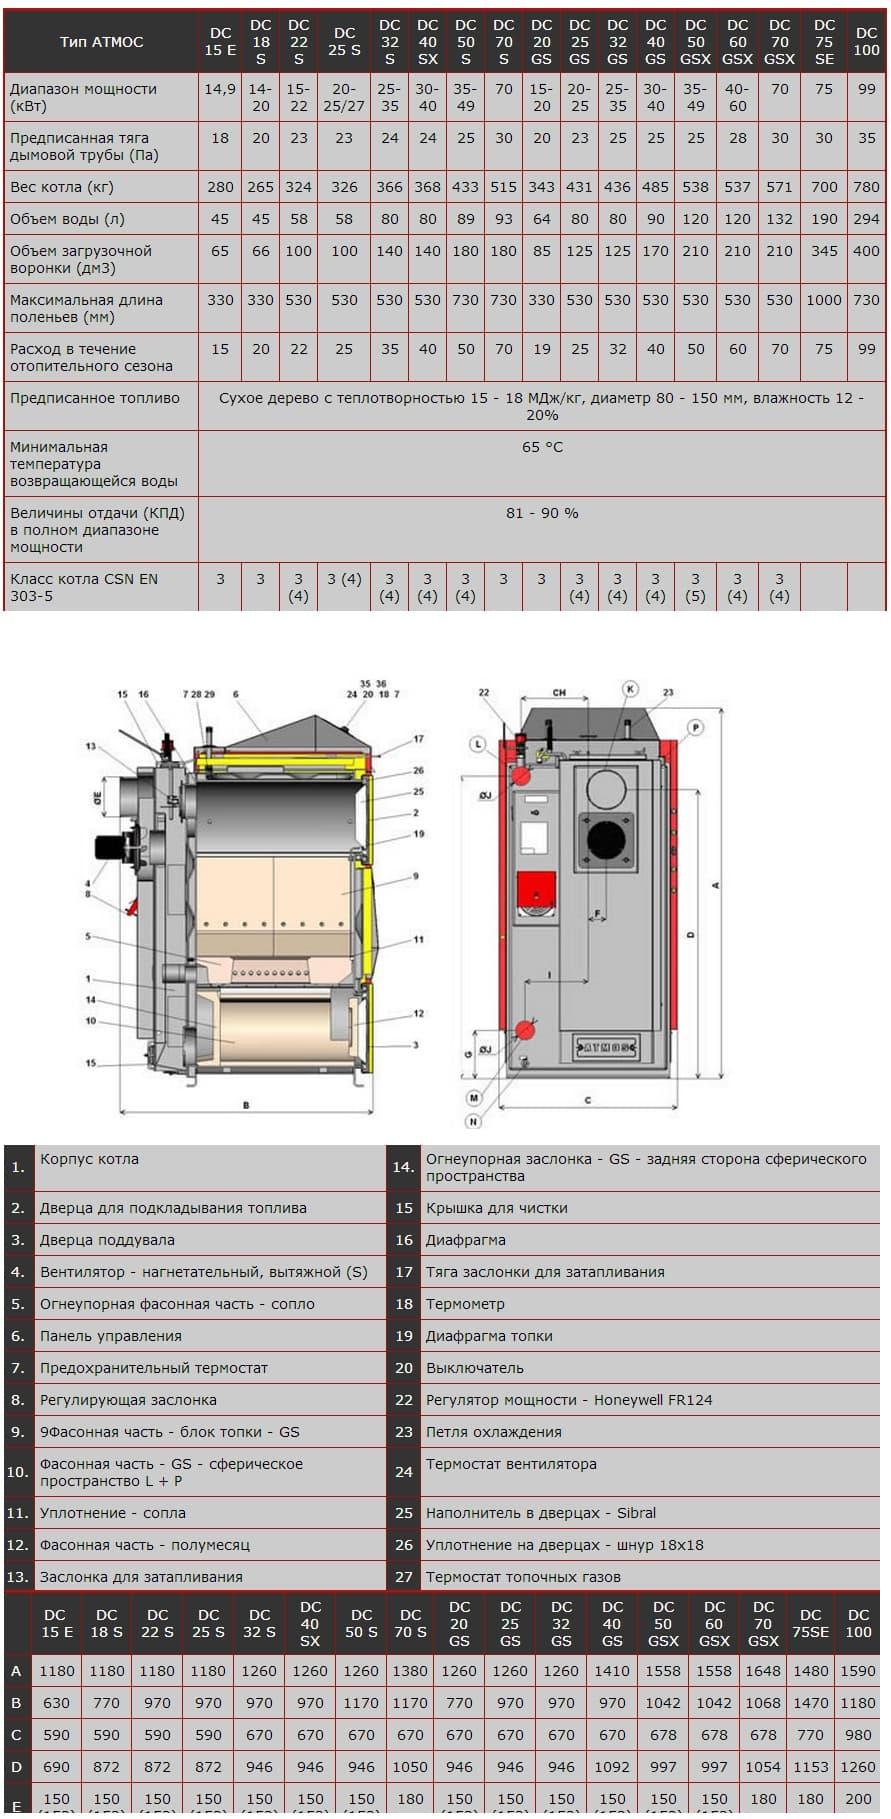 картинка - технические характеристики: Котел твердотопливный Atmos DC 100 S